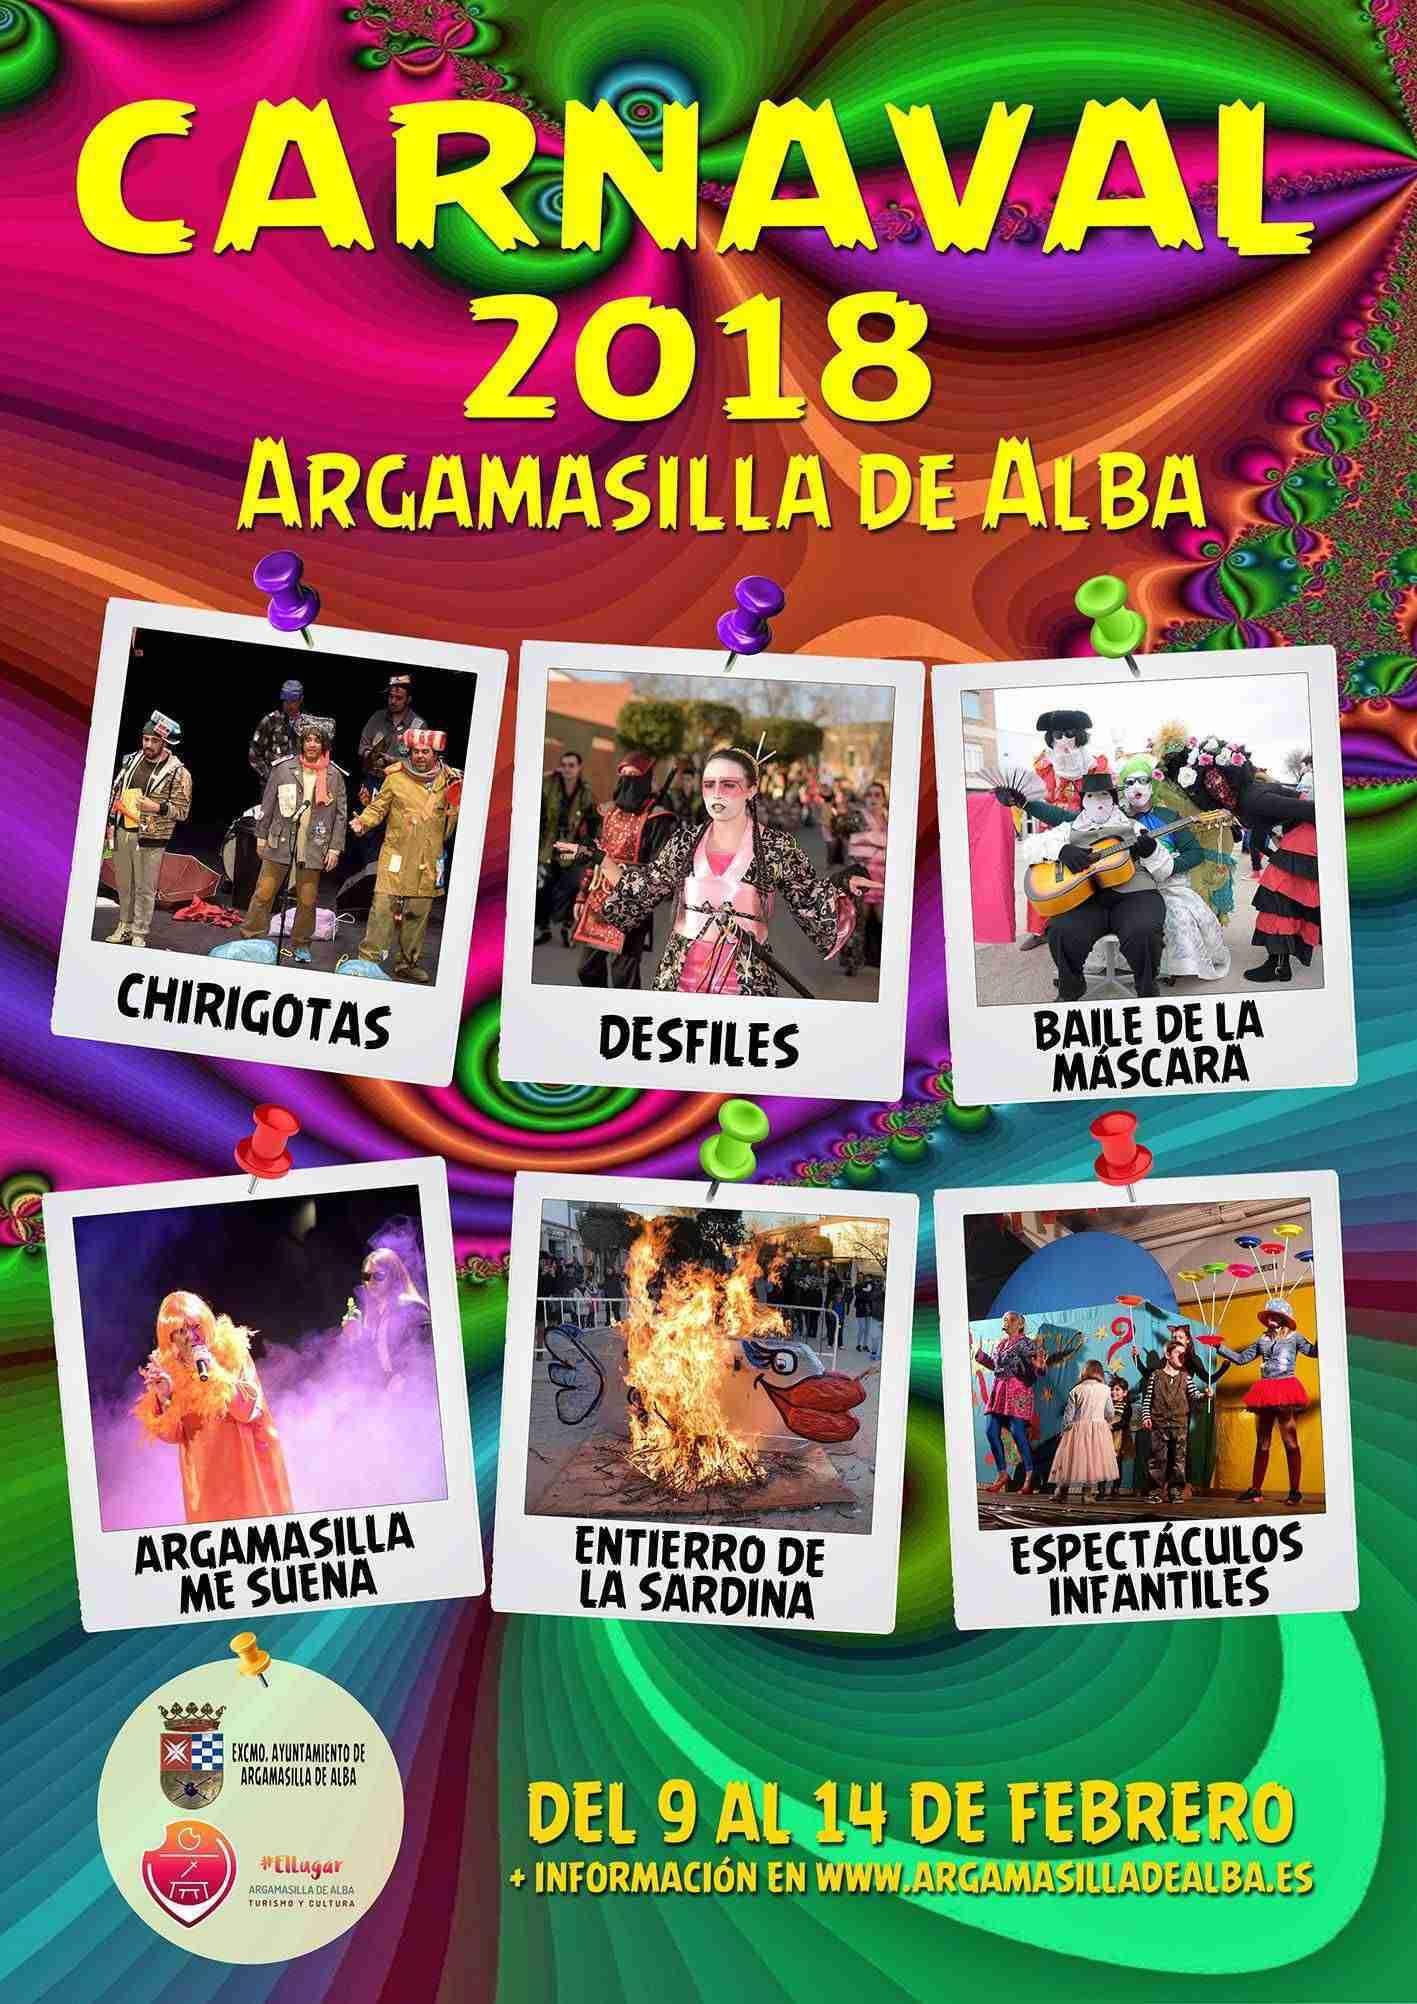 Programación Carnaval 2018 de Argamasilla de Alba 11